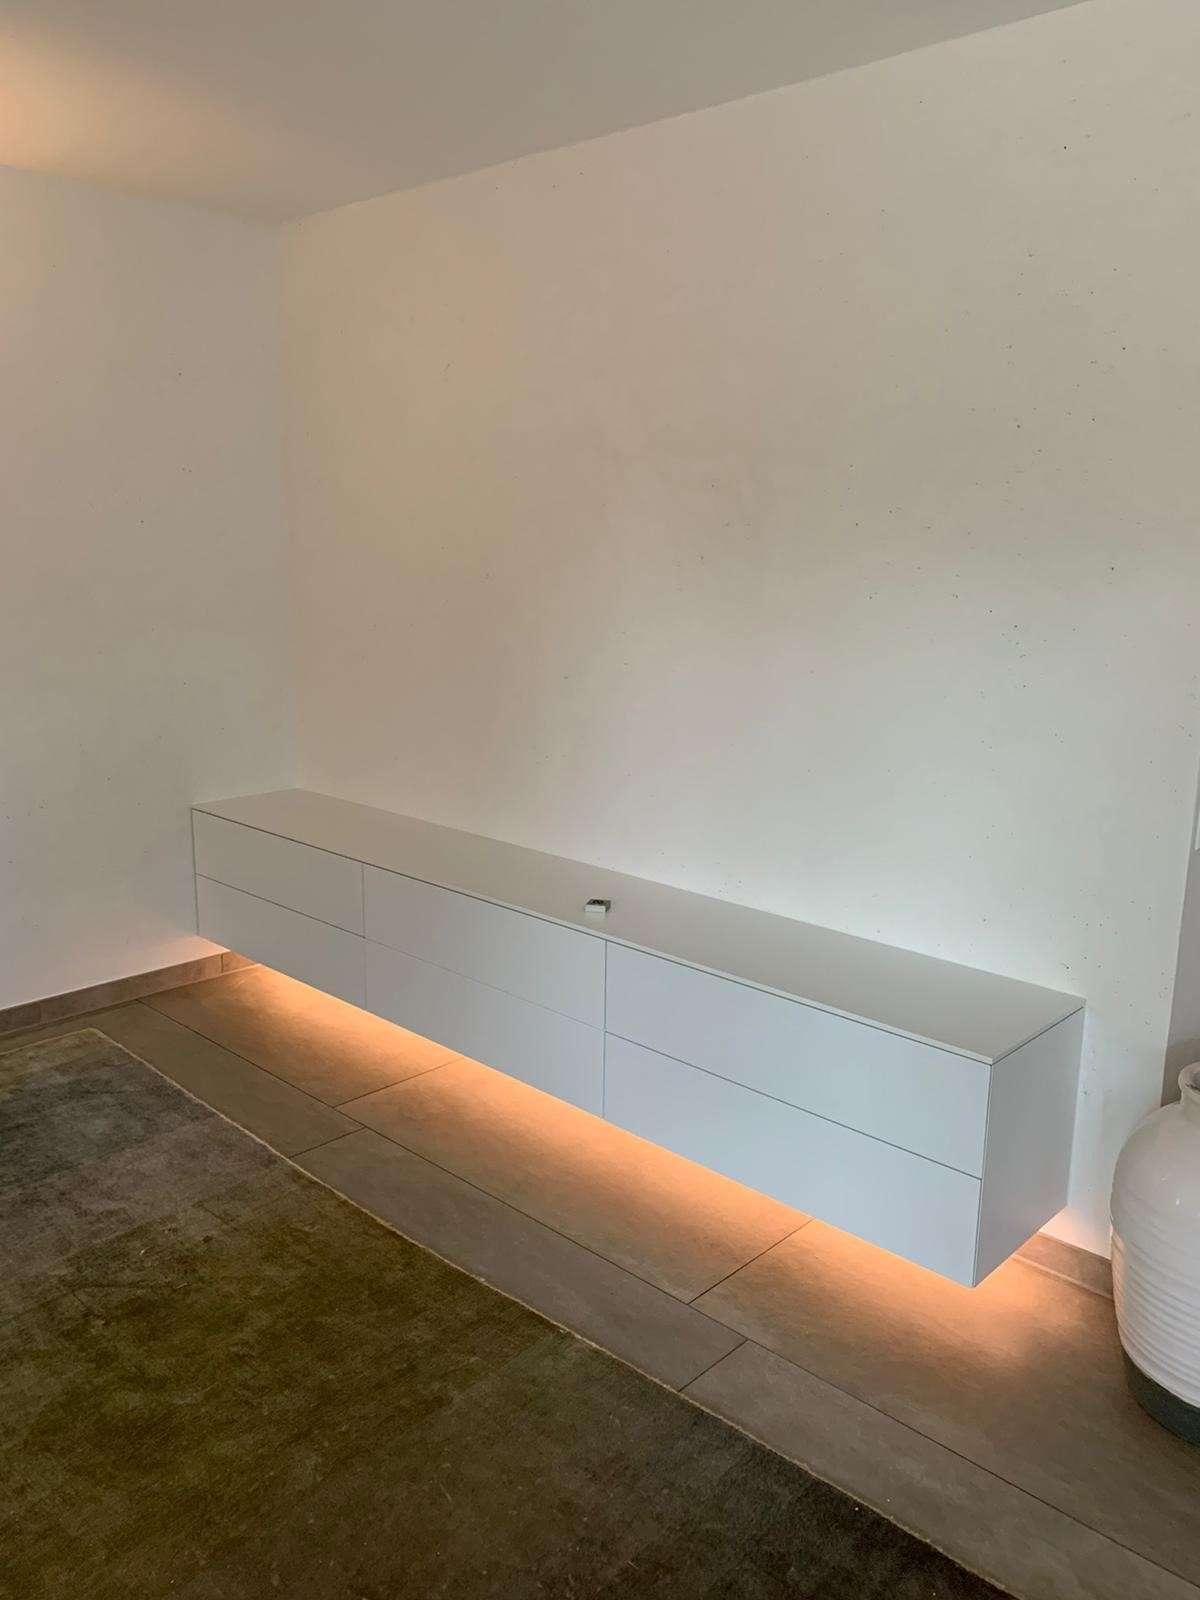 Fernsehmöbel Sideboard freischwebend mit indirektem Lichtband unter im Möbel. Beleuchtet des Boden.